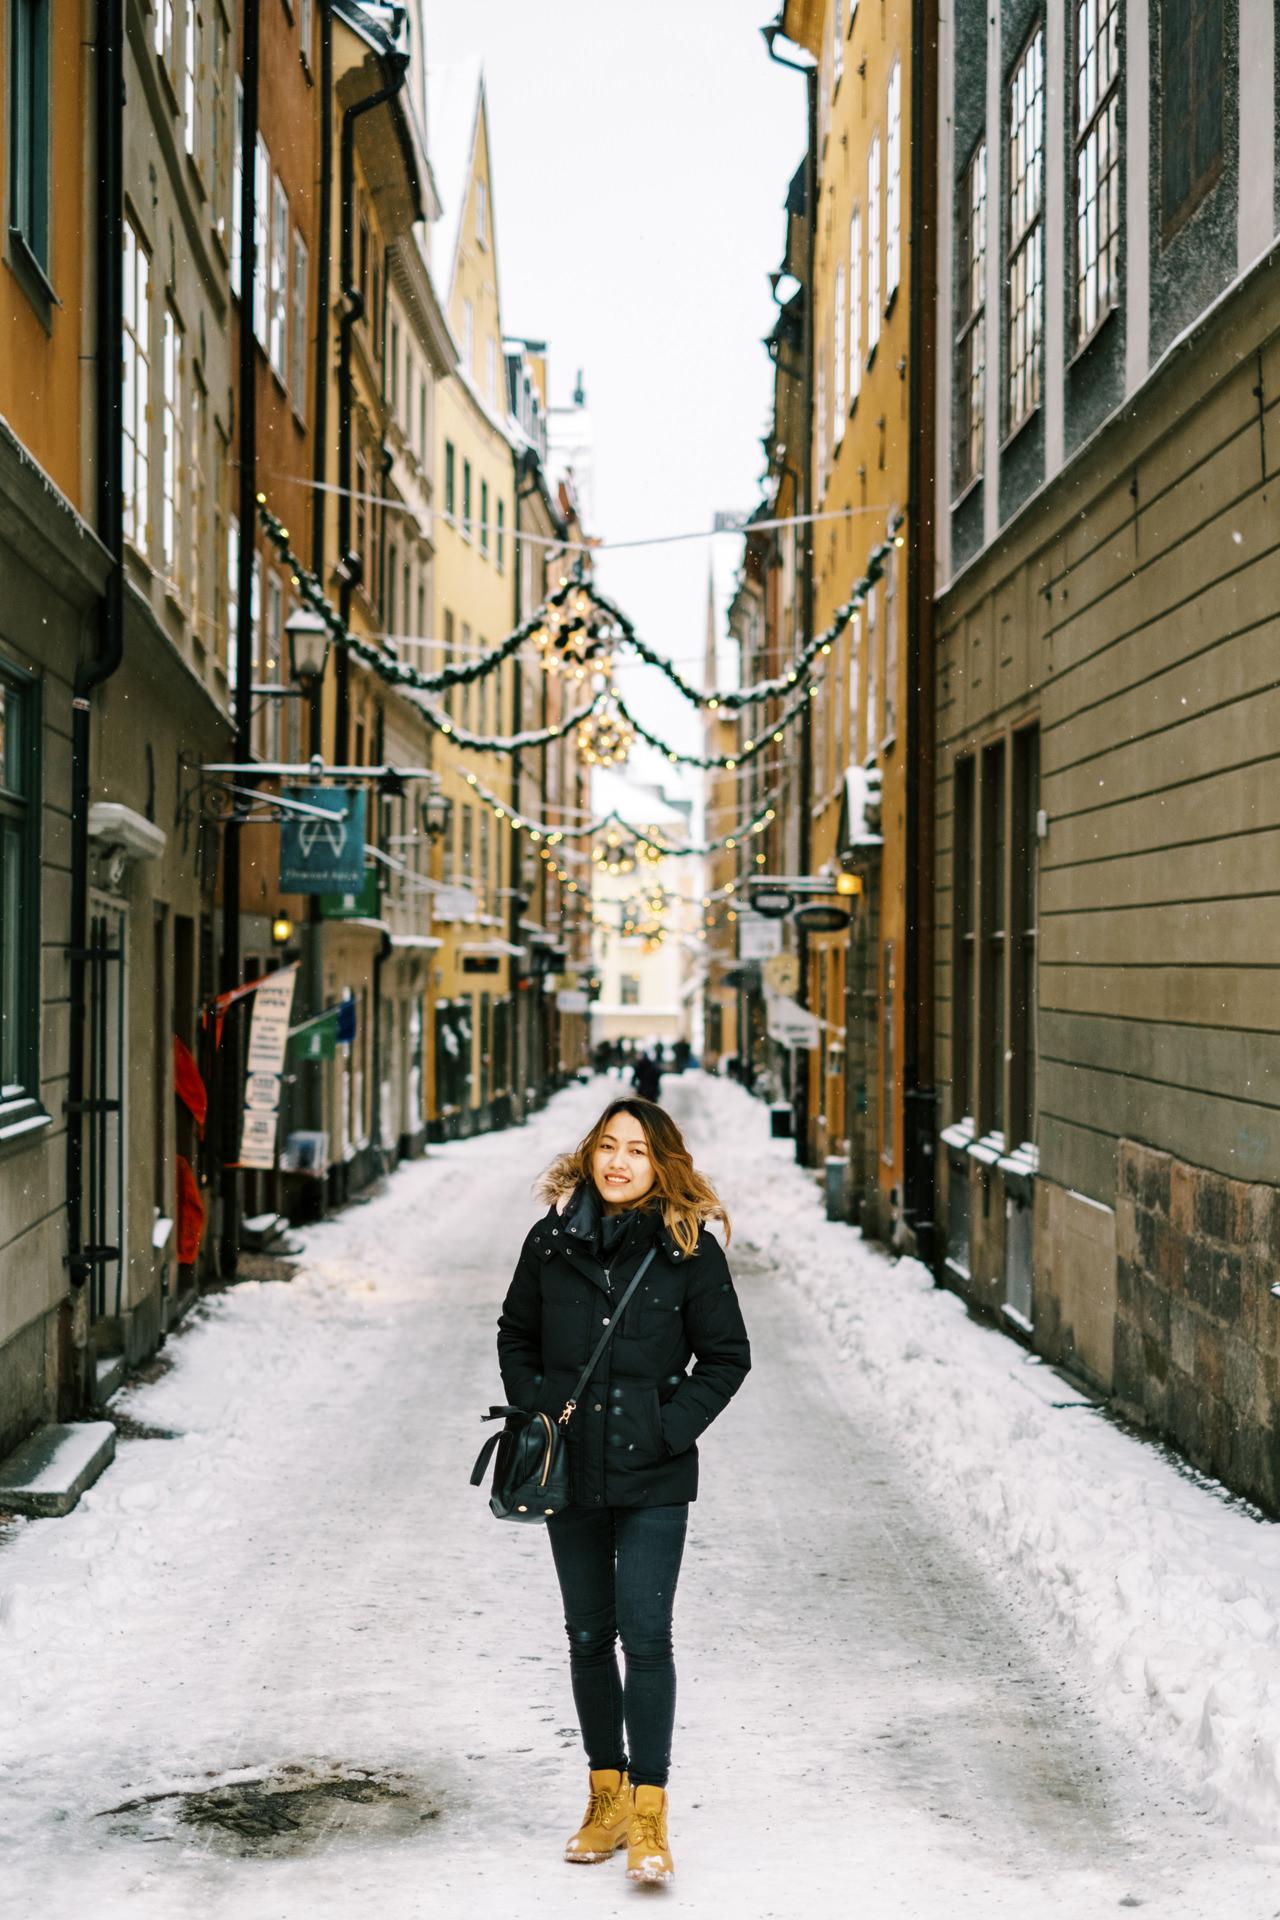 Europe 2017 - Stockholm, Sweden 21